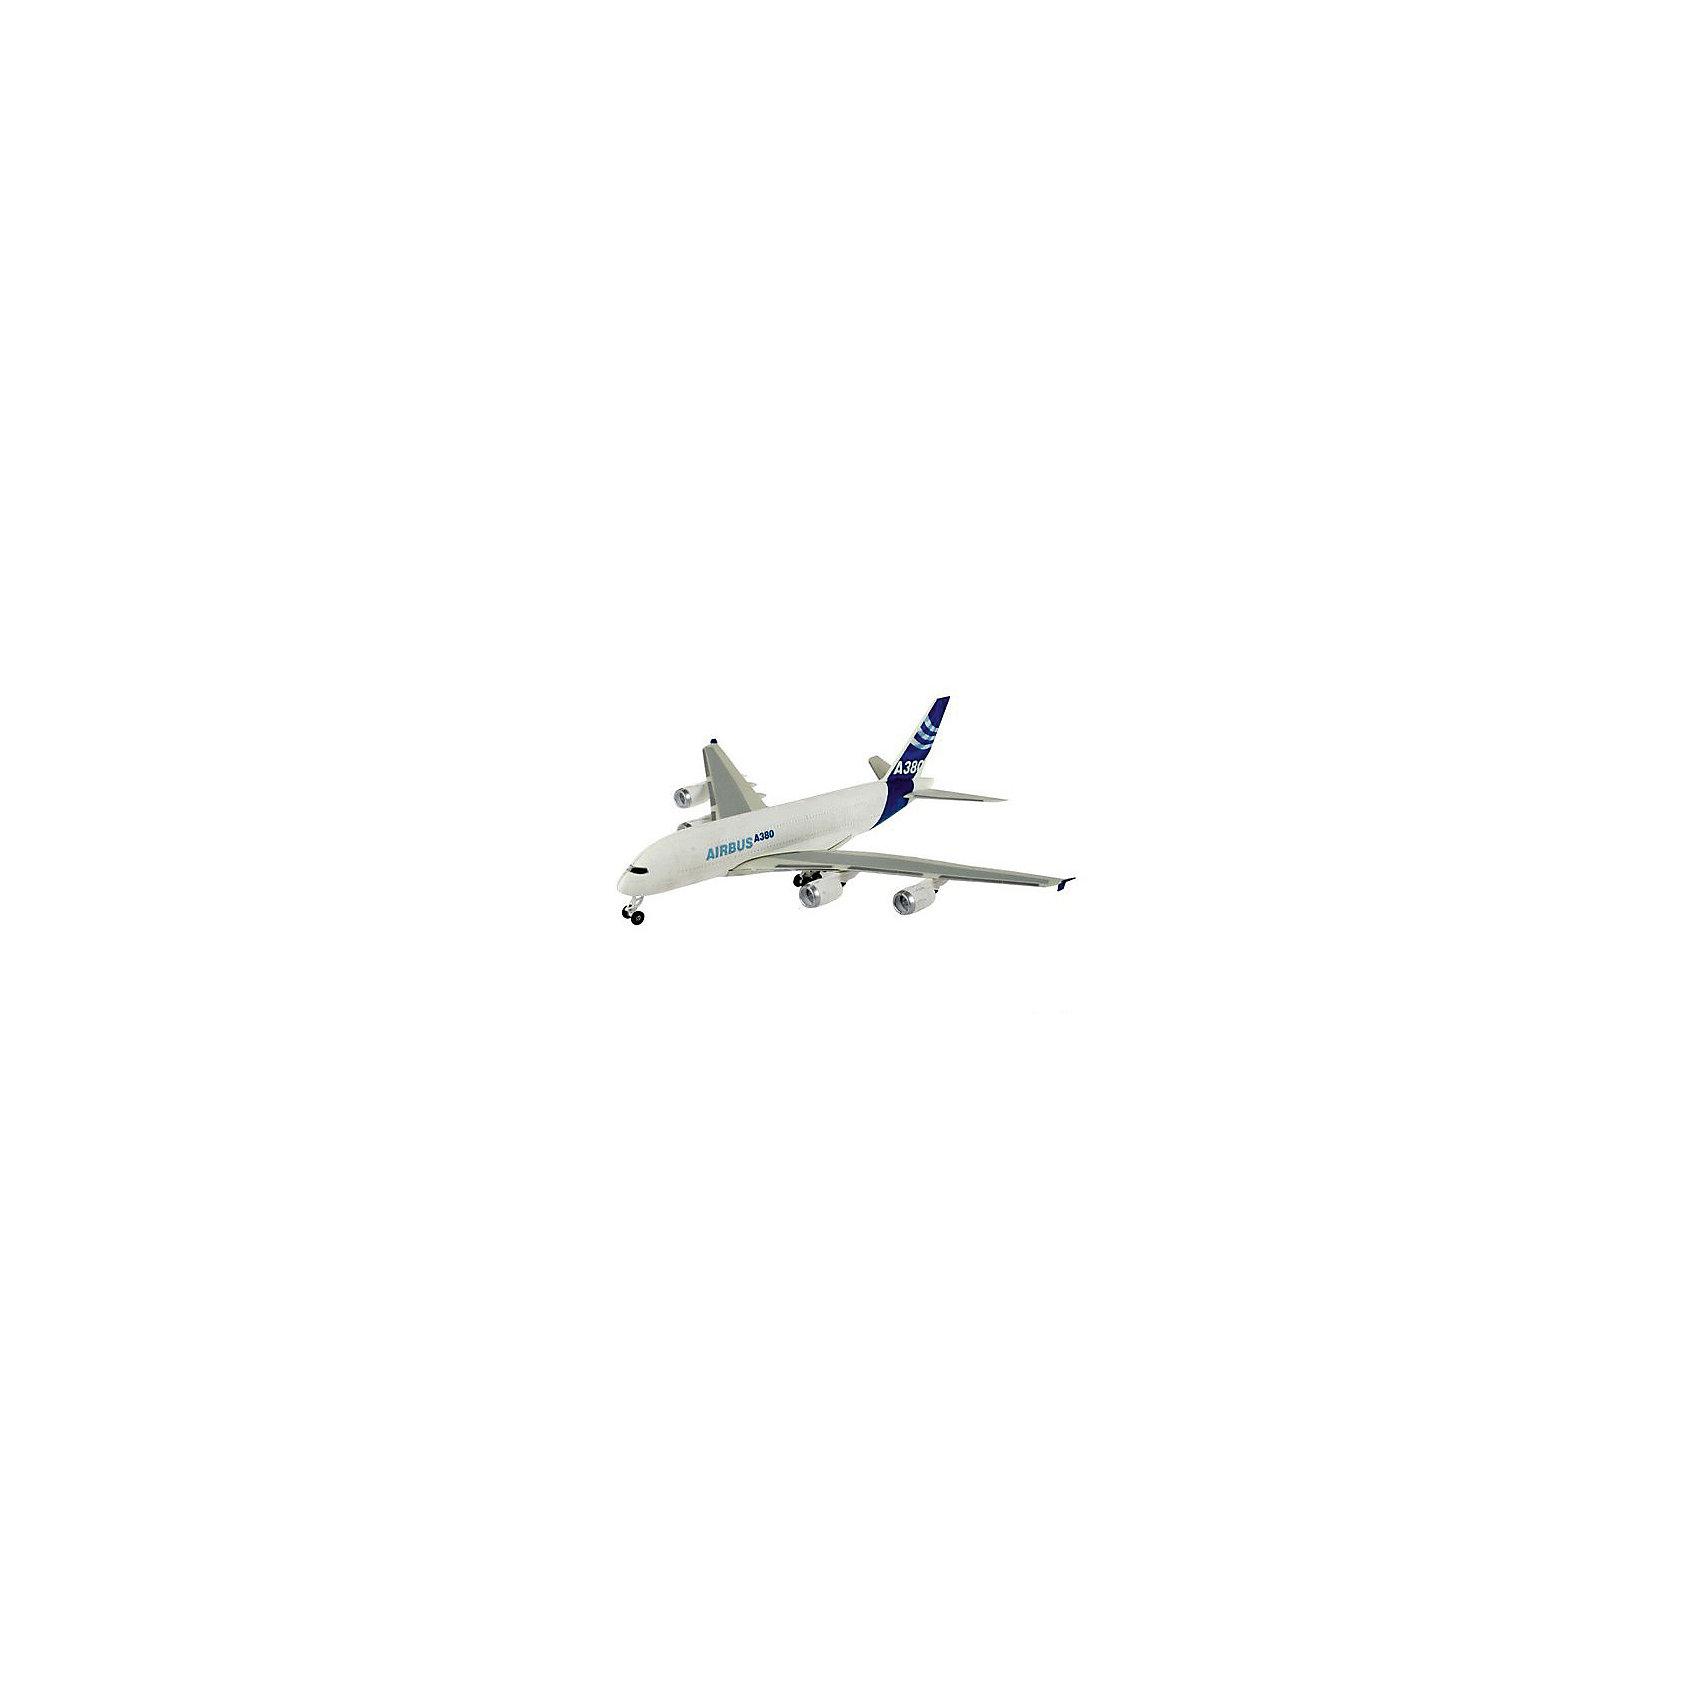 Аэробус A 380 First Flight (1:144)Модели для склеивания<br>Аэробус A 380 First Flight представляет копию настоящего самолета, уменьшенного в 144 раза. Собрать аэробус можно из 163 деталей, а затем раскрасить готовую модель, используя специальные краски. Собранный игрушечный самолет имеет впечатляющие размеры: длина – 50,4 см, размах крыльев – 55,5 см. Модель относится к 4-ому уровню сложности сборки.<br><br>Ширина мм: 97<br>Глубина мм: 235<br>Высота мм: 535<br>Вес г: 875<br>Возраст от месяцев: 168<br>Возраст до месяцев: 228<br>Пол: Мужской<br>Возраст: Детский<br>SKU: 1442137